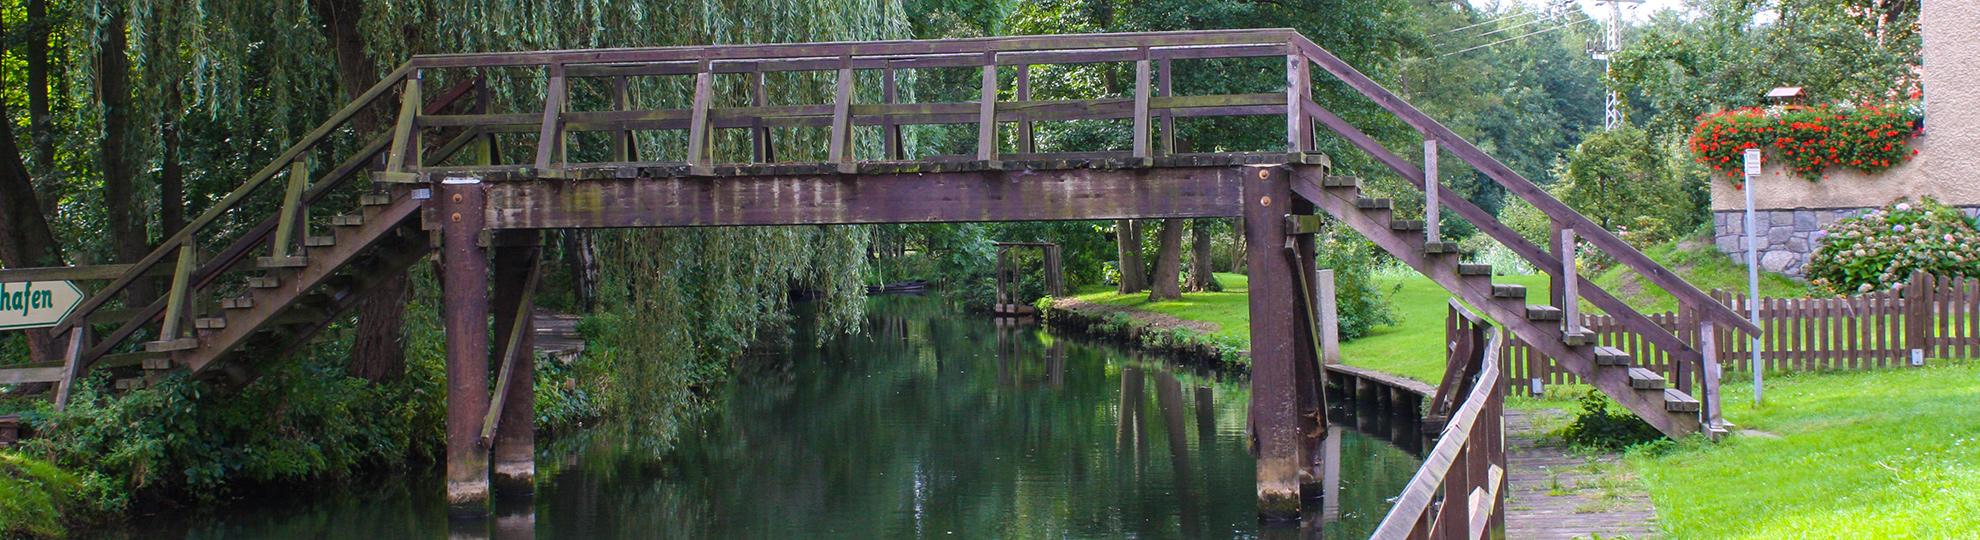 typische Spreewaldbrücke